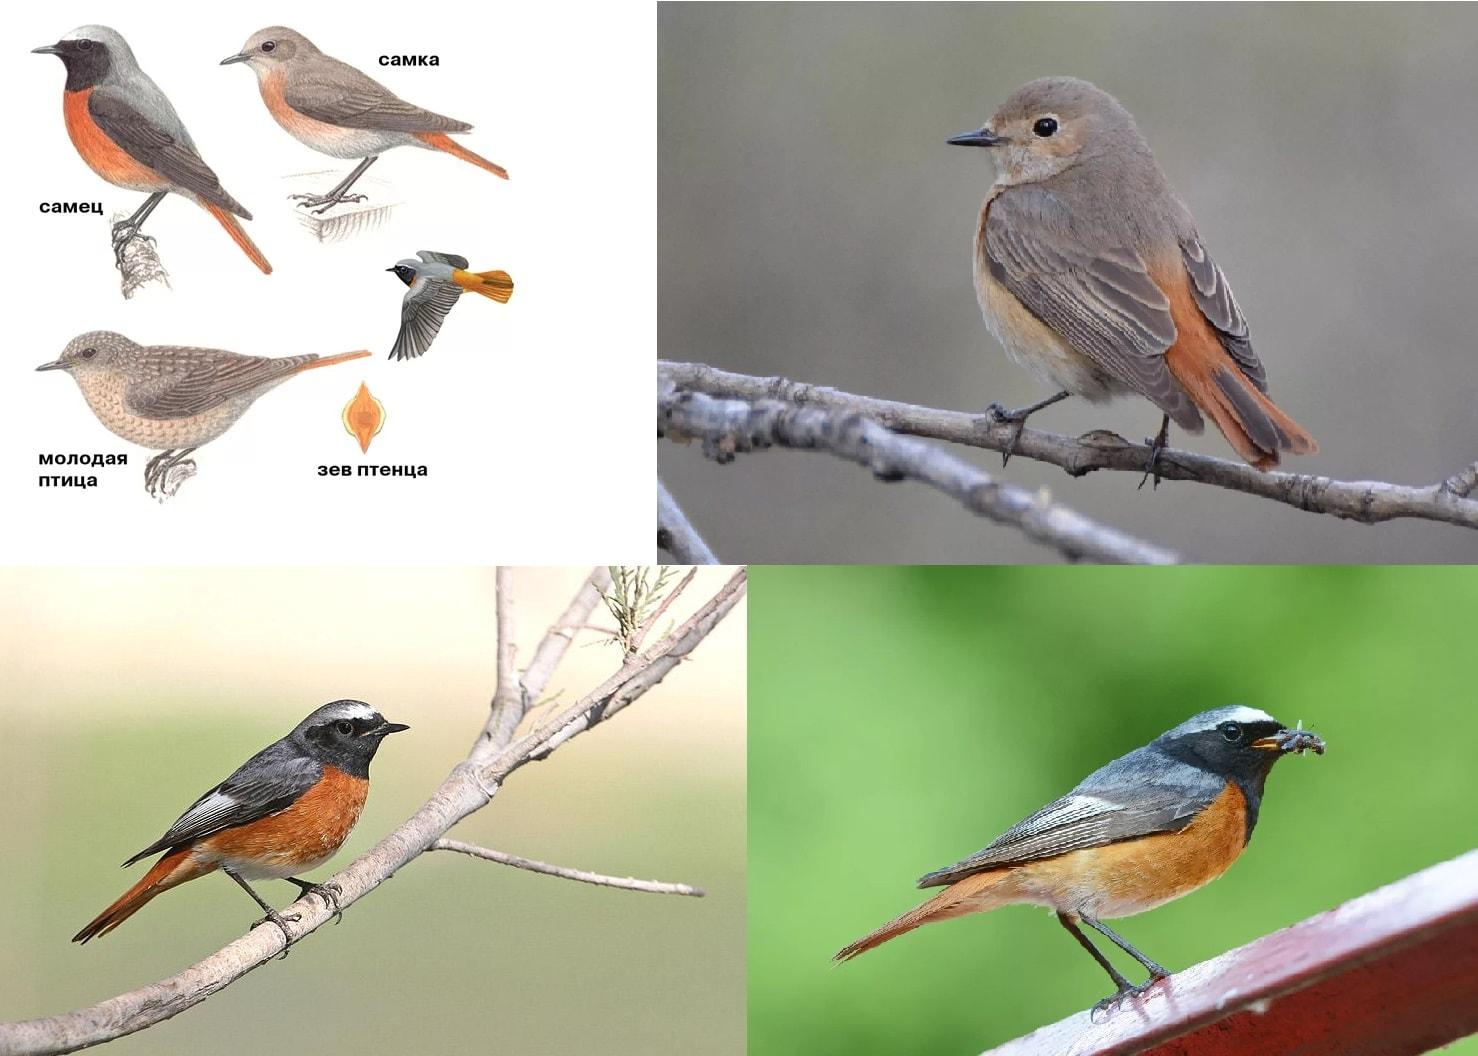 Фотографии перелетной птицы Горихвостка Обыкновенная